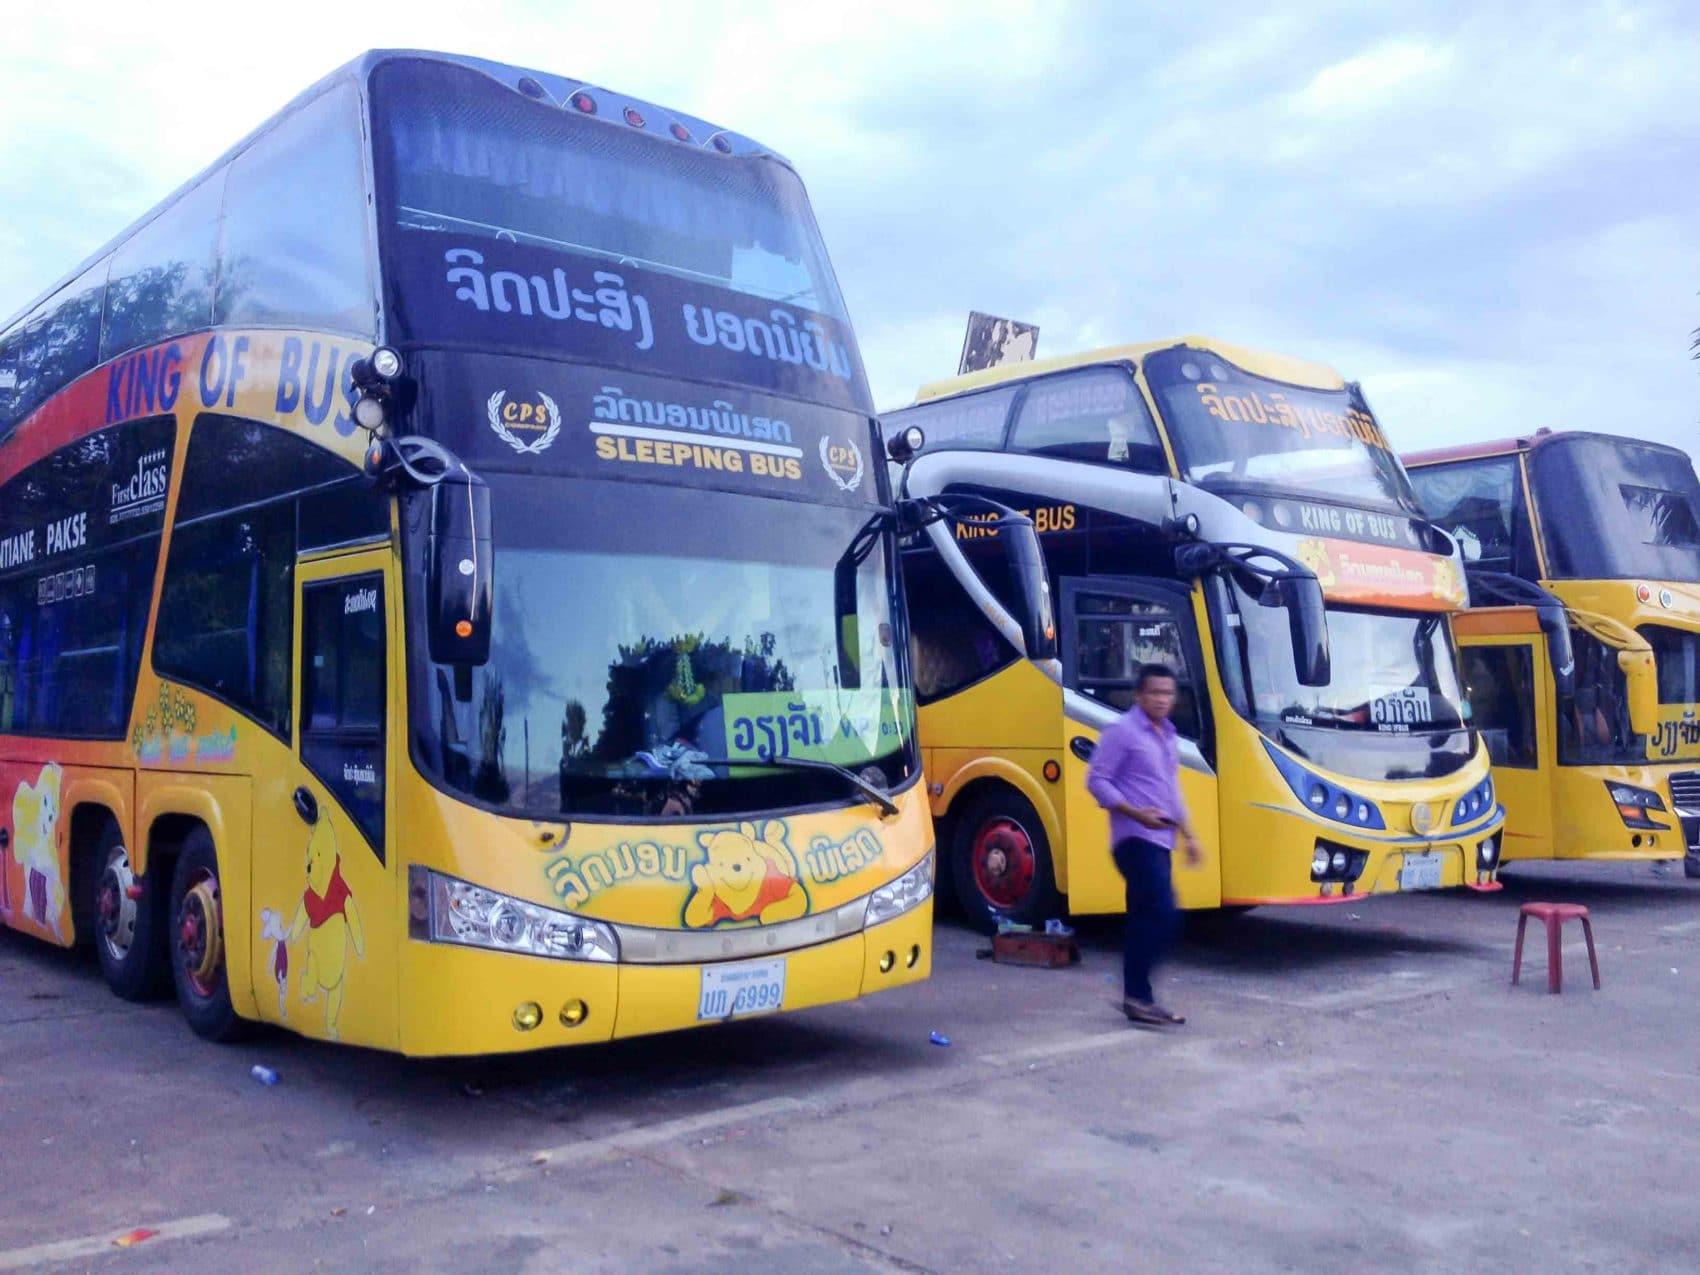 Paksé au Laos (2/2) : les trajets possibles (Vientiane, 4000 îles, Vietnam, Cambodge, Thaïlande)